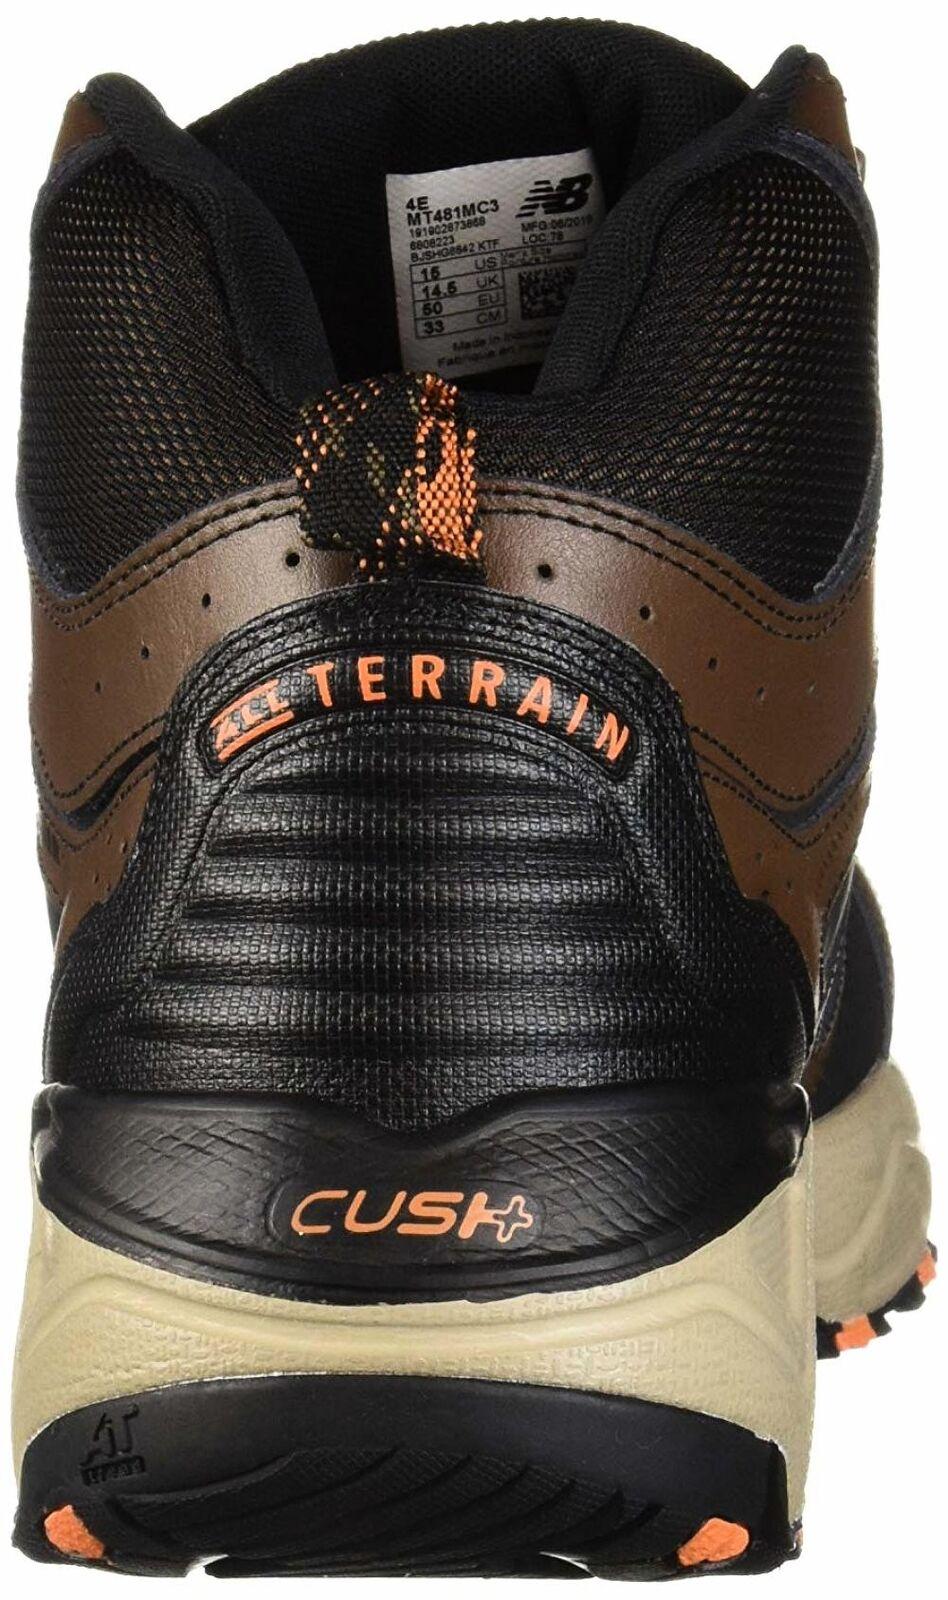 New Para hombre 481 V3 amortiguación Balance Trail Running zapatos-elegir talla Color